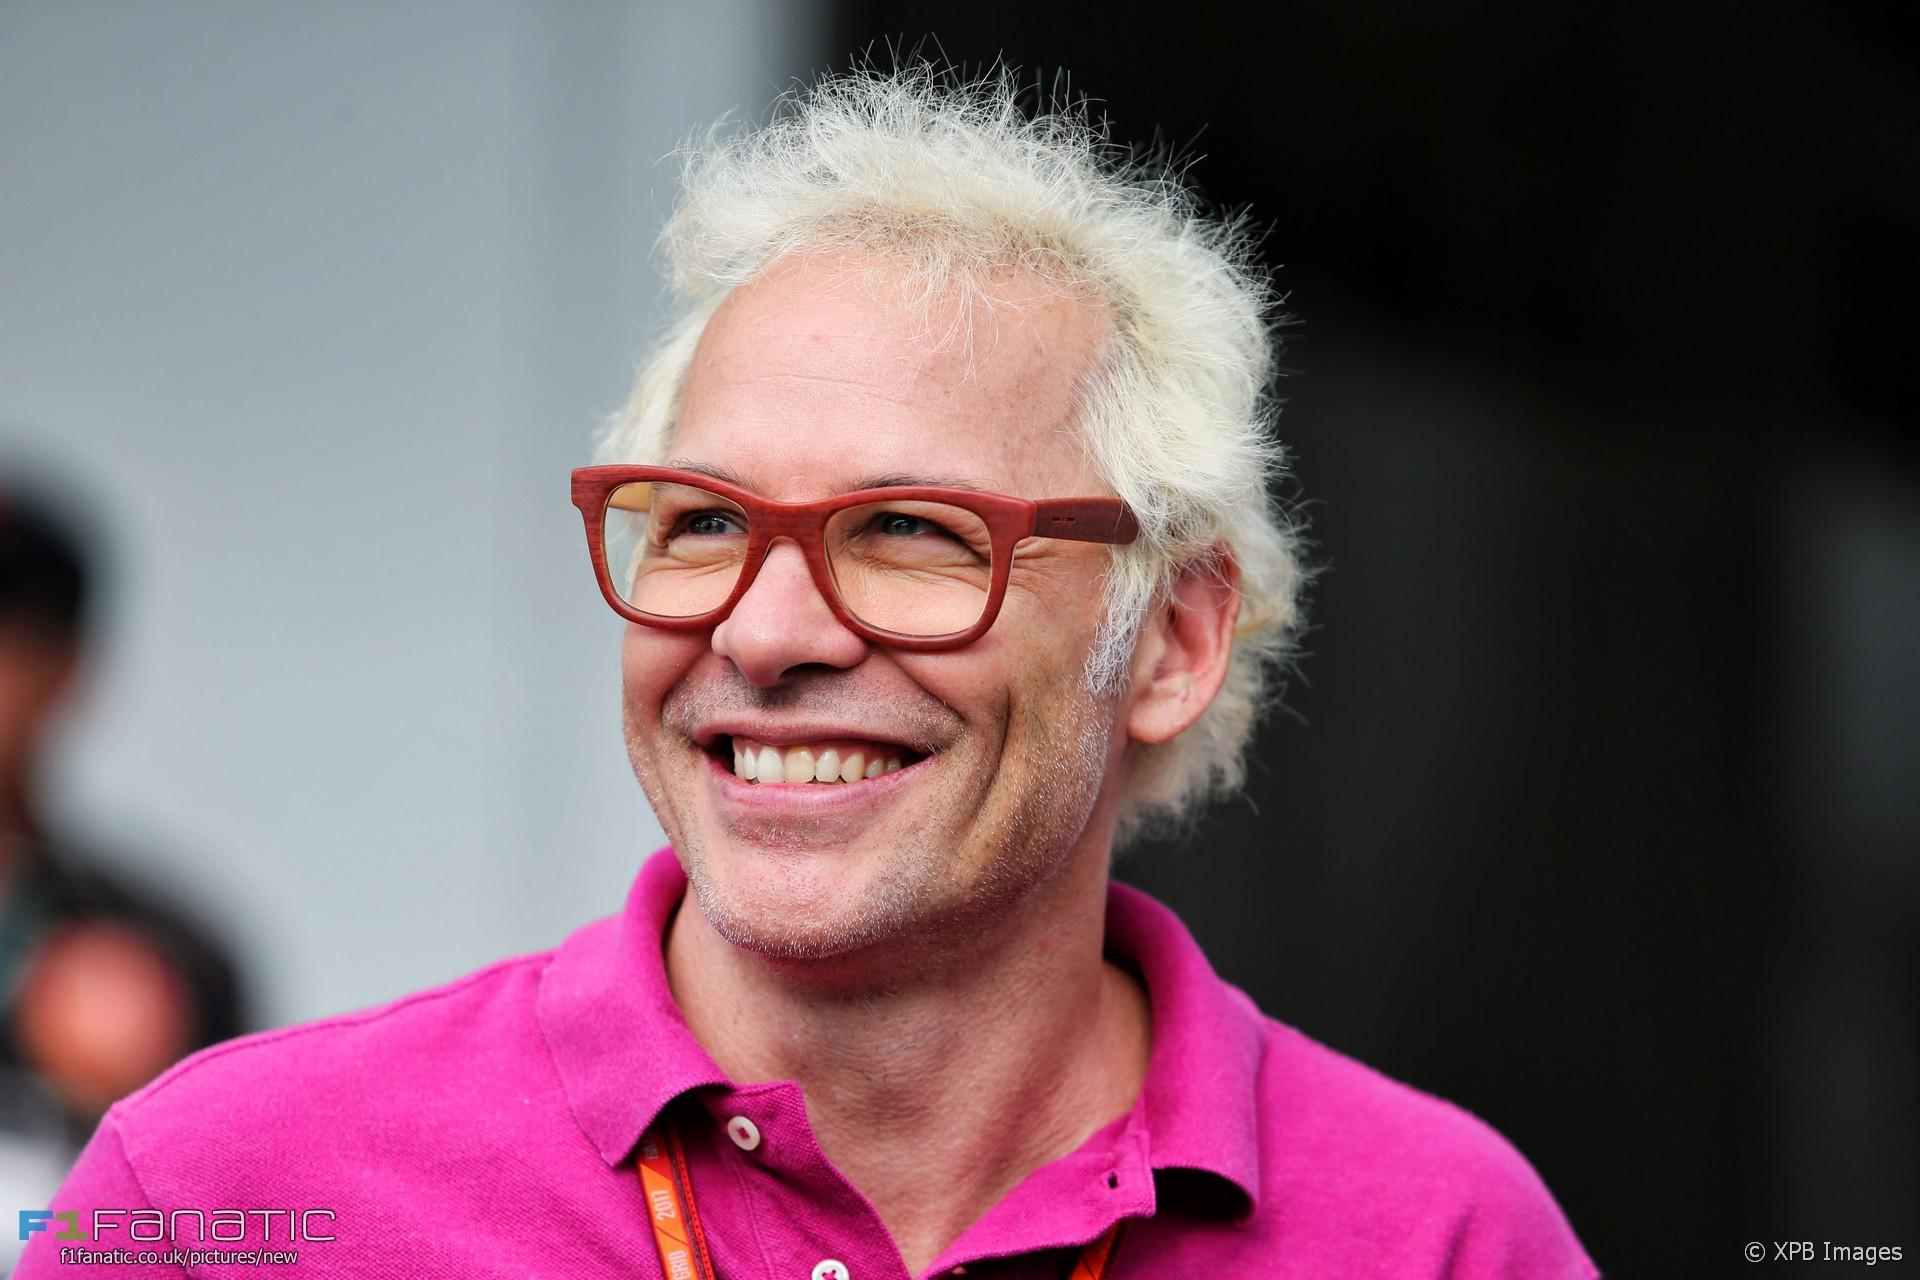 Jacques Villeneuve, 2017